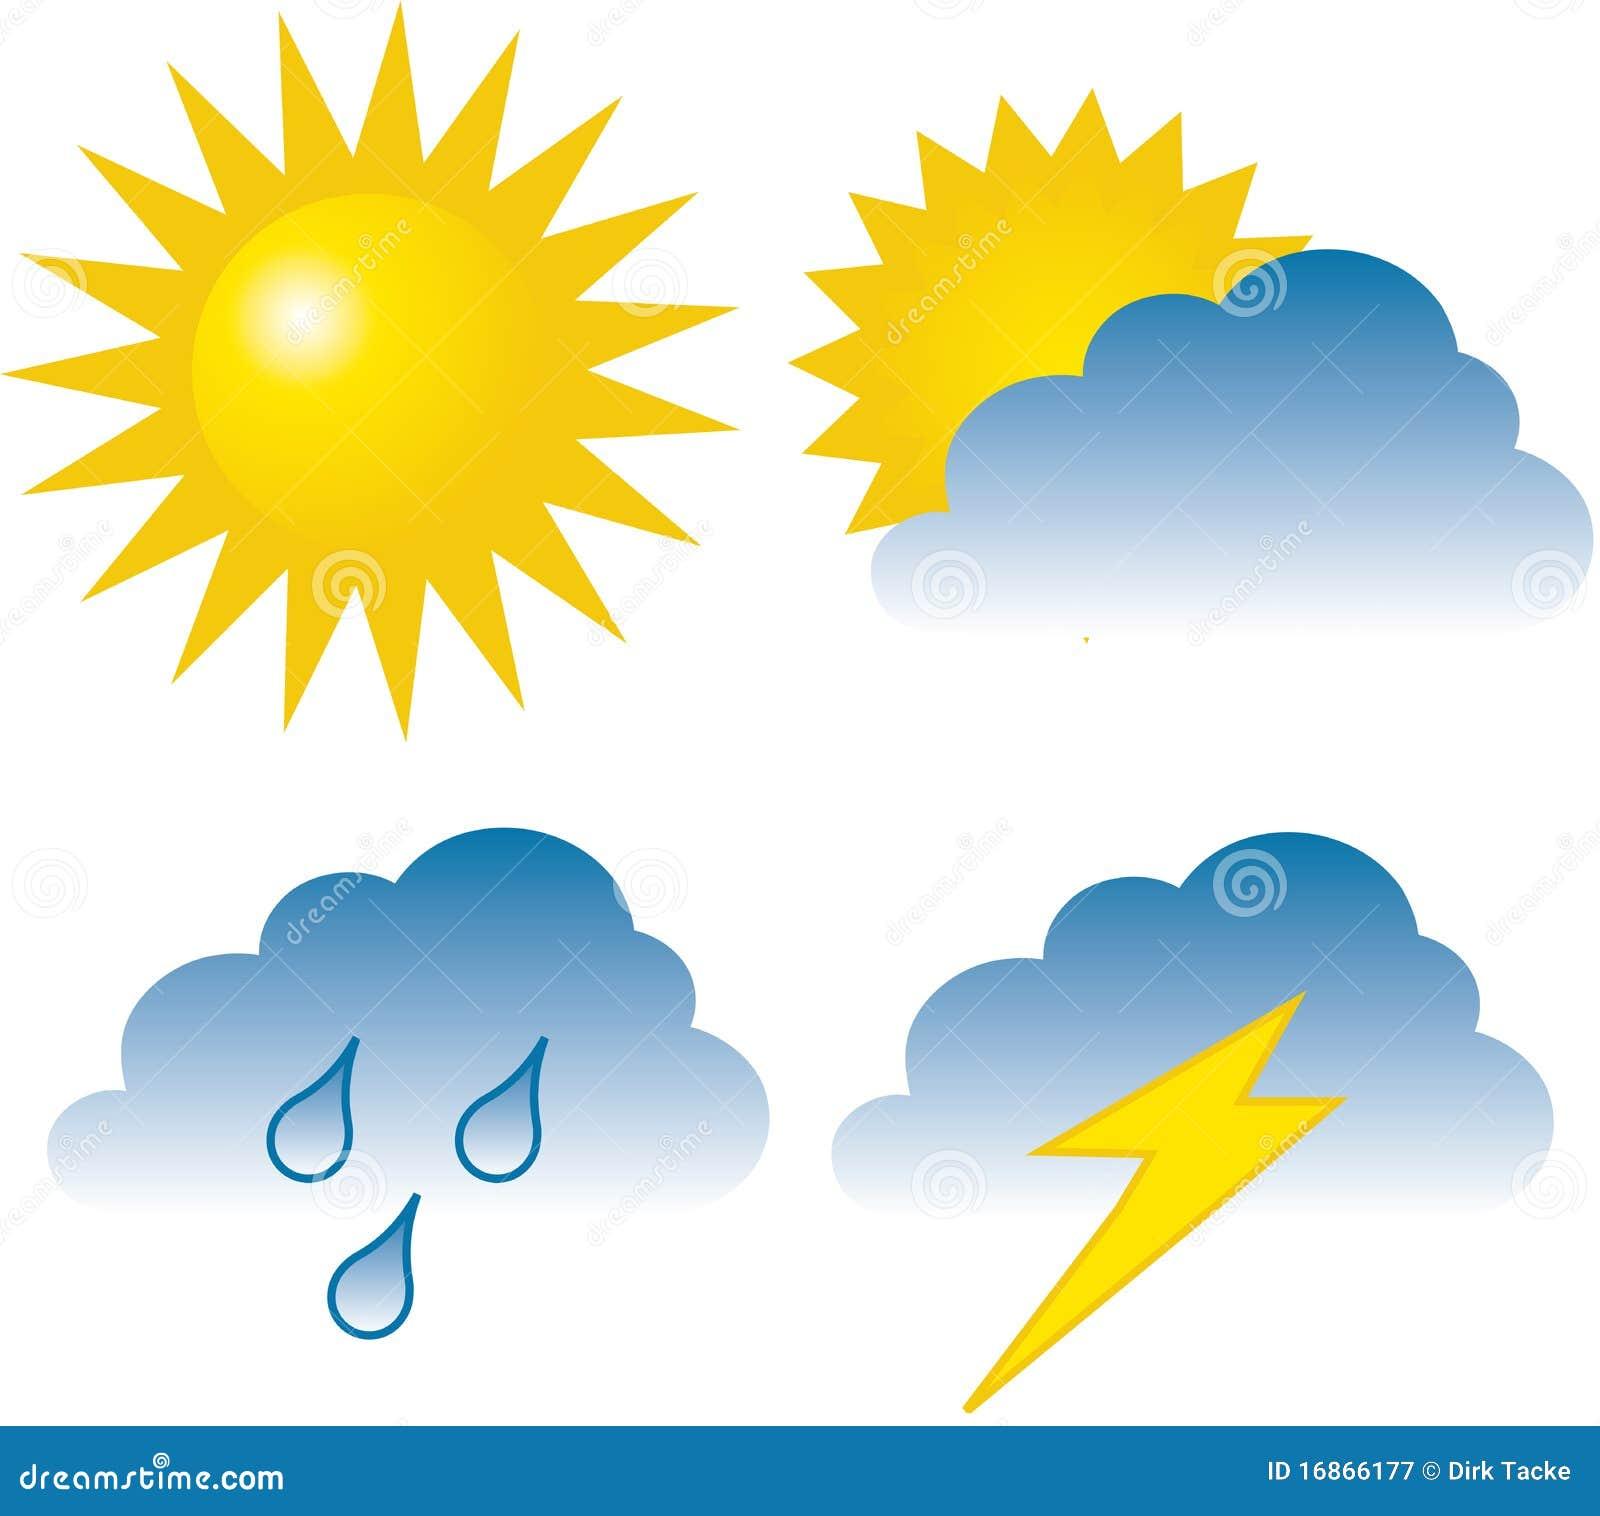 雨天天气气象符号-晴天天气标志